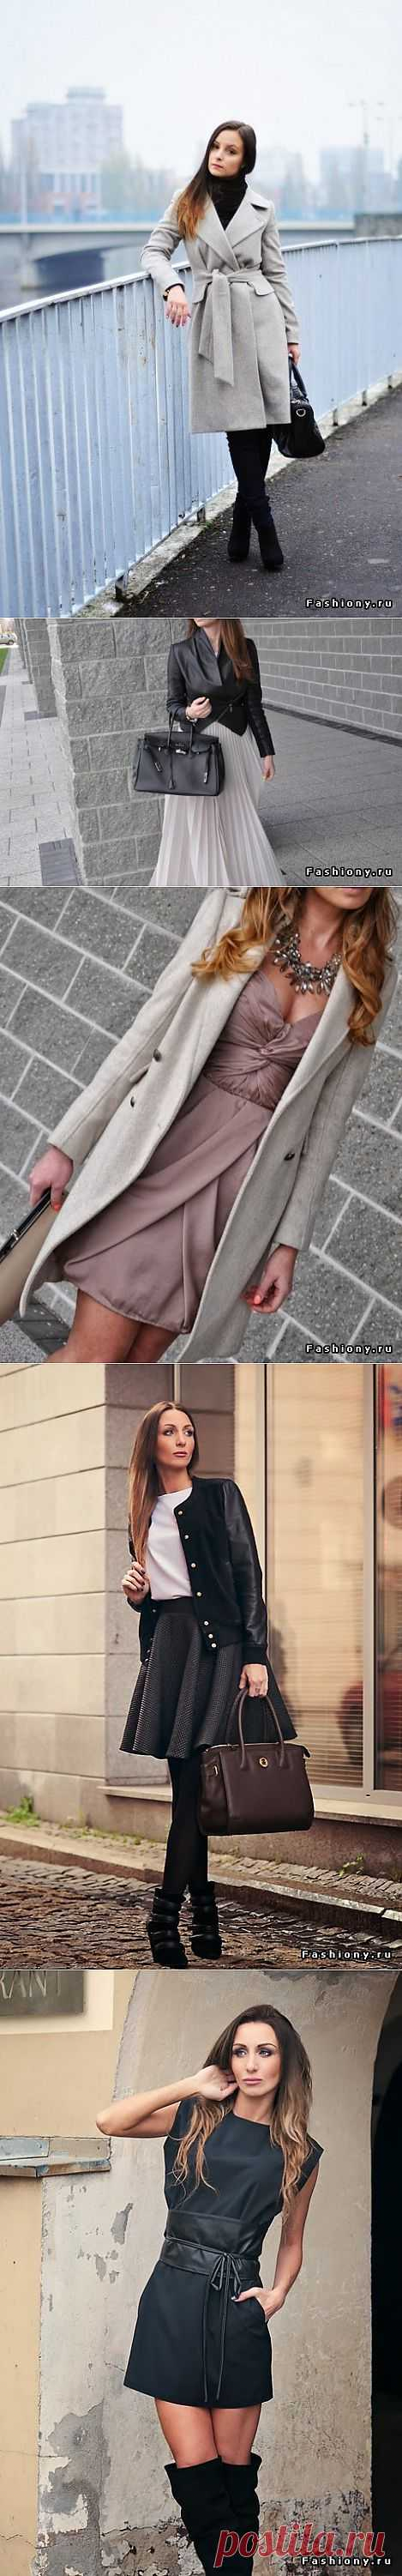 Образы от польских модниц! | Мода